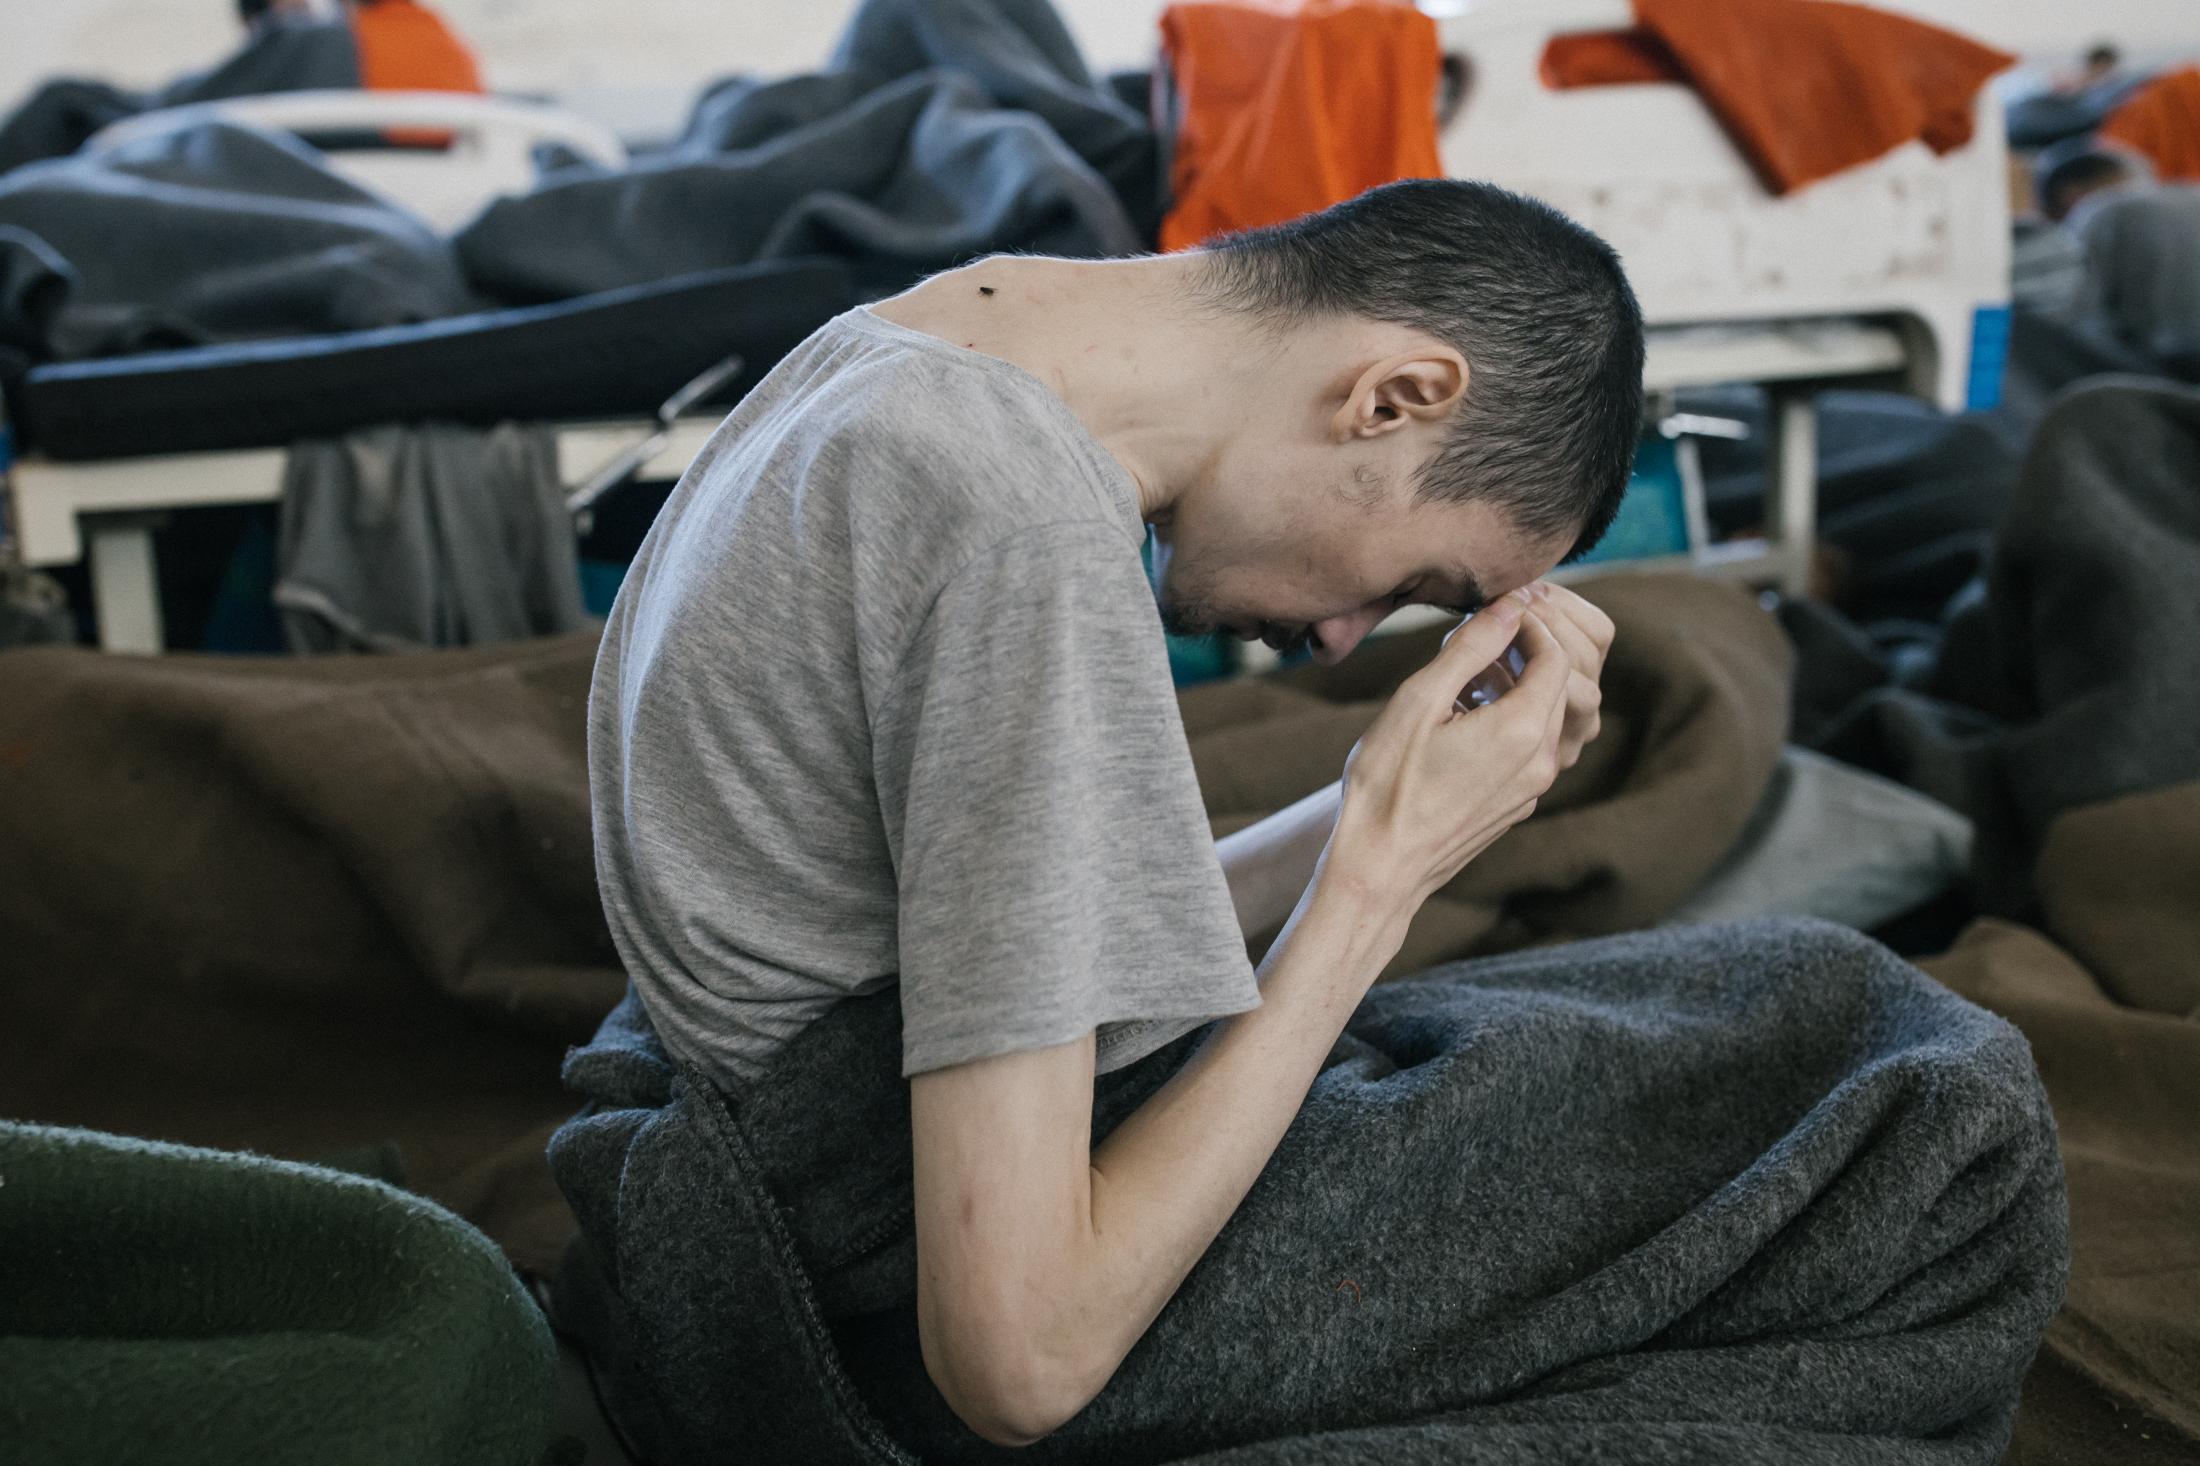 Le 30 octobre 2019, Hassake, Nord Est syrien. Environ 5000 prisonniers supposés membres de l'Etat islamique vivent dans cette université transformée en prison. Entre 100 et 200 détenus dans chaque salle de classe. La prison est ouverte depuis 4mois au moment de cette photo.Les prisonniers sont considérés comme les plus radicaux et vivent dans des conditions difficiles. Un jeune homme d'origine étrangère (non syrien) souffre de malnutrition et sans doute de maladie.